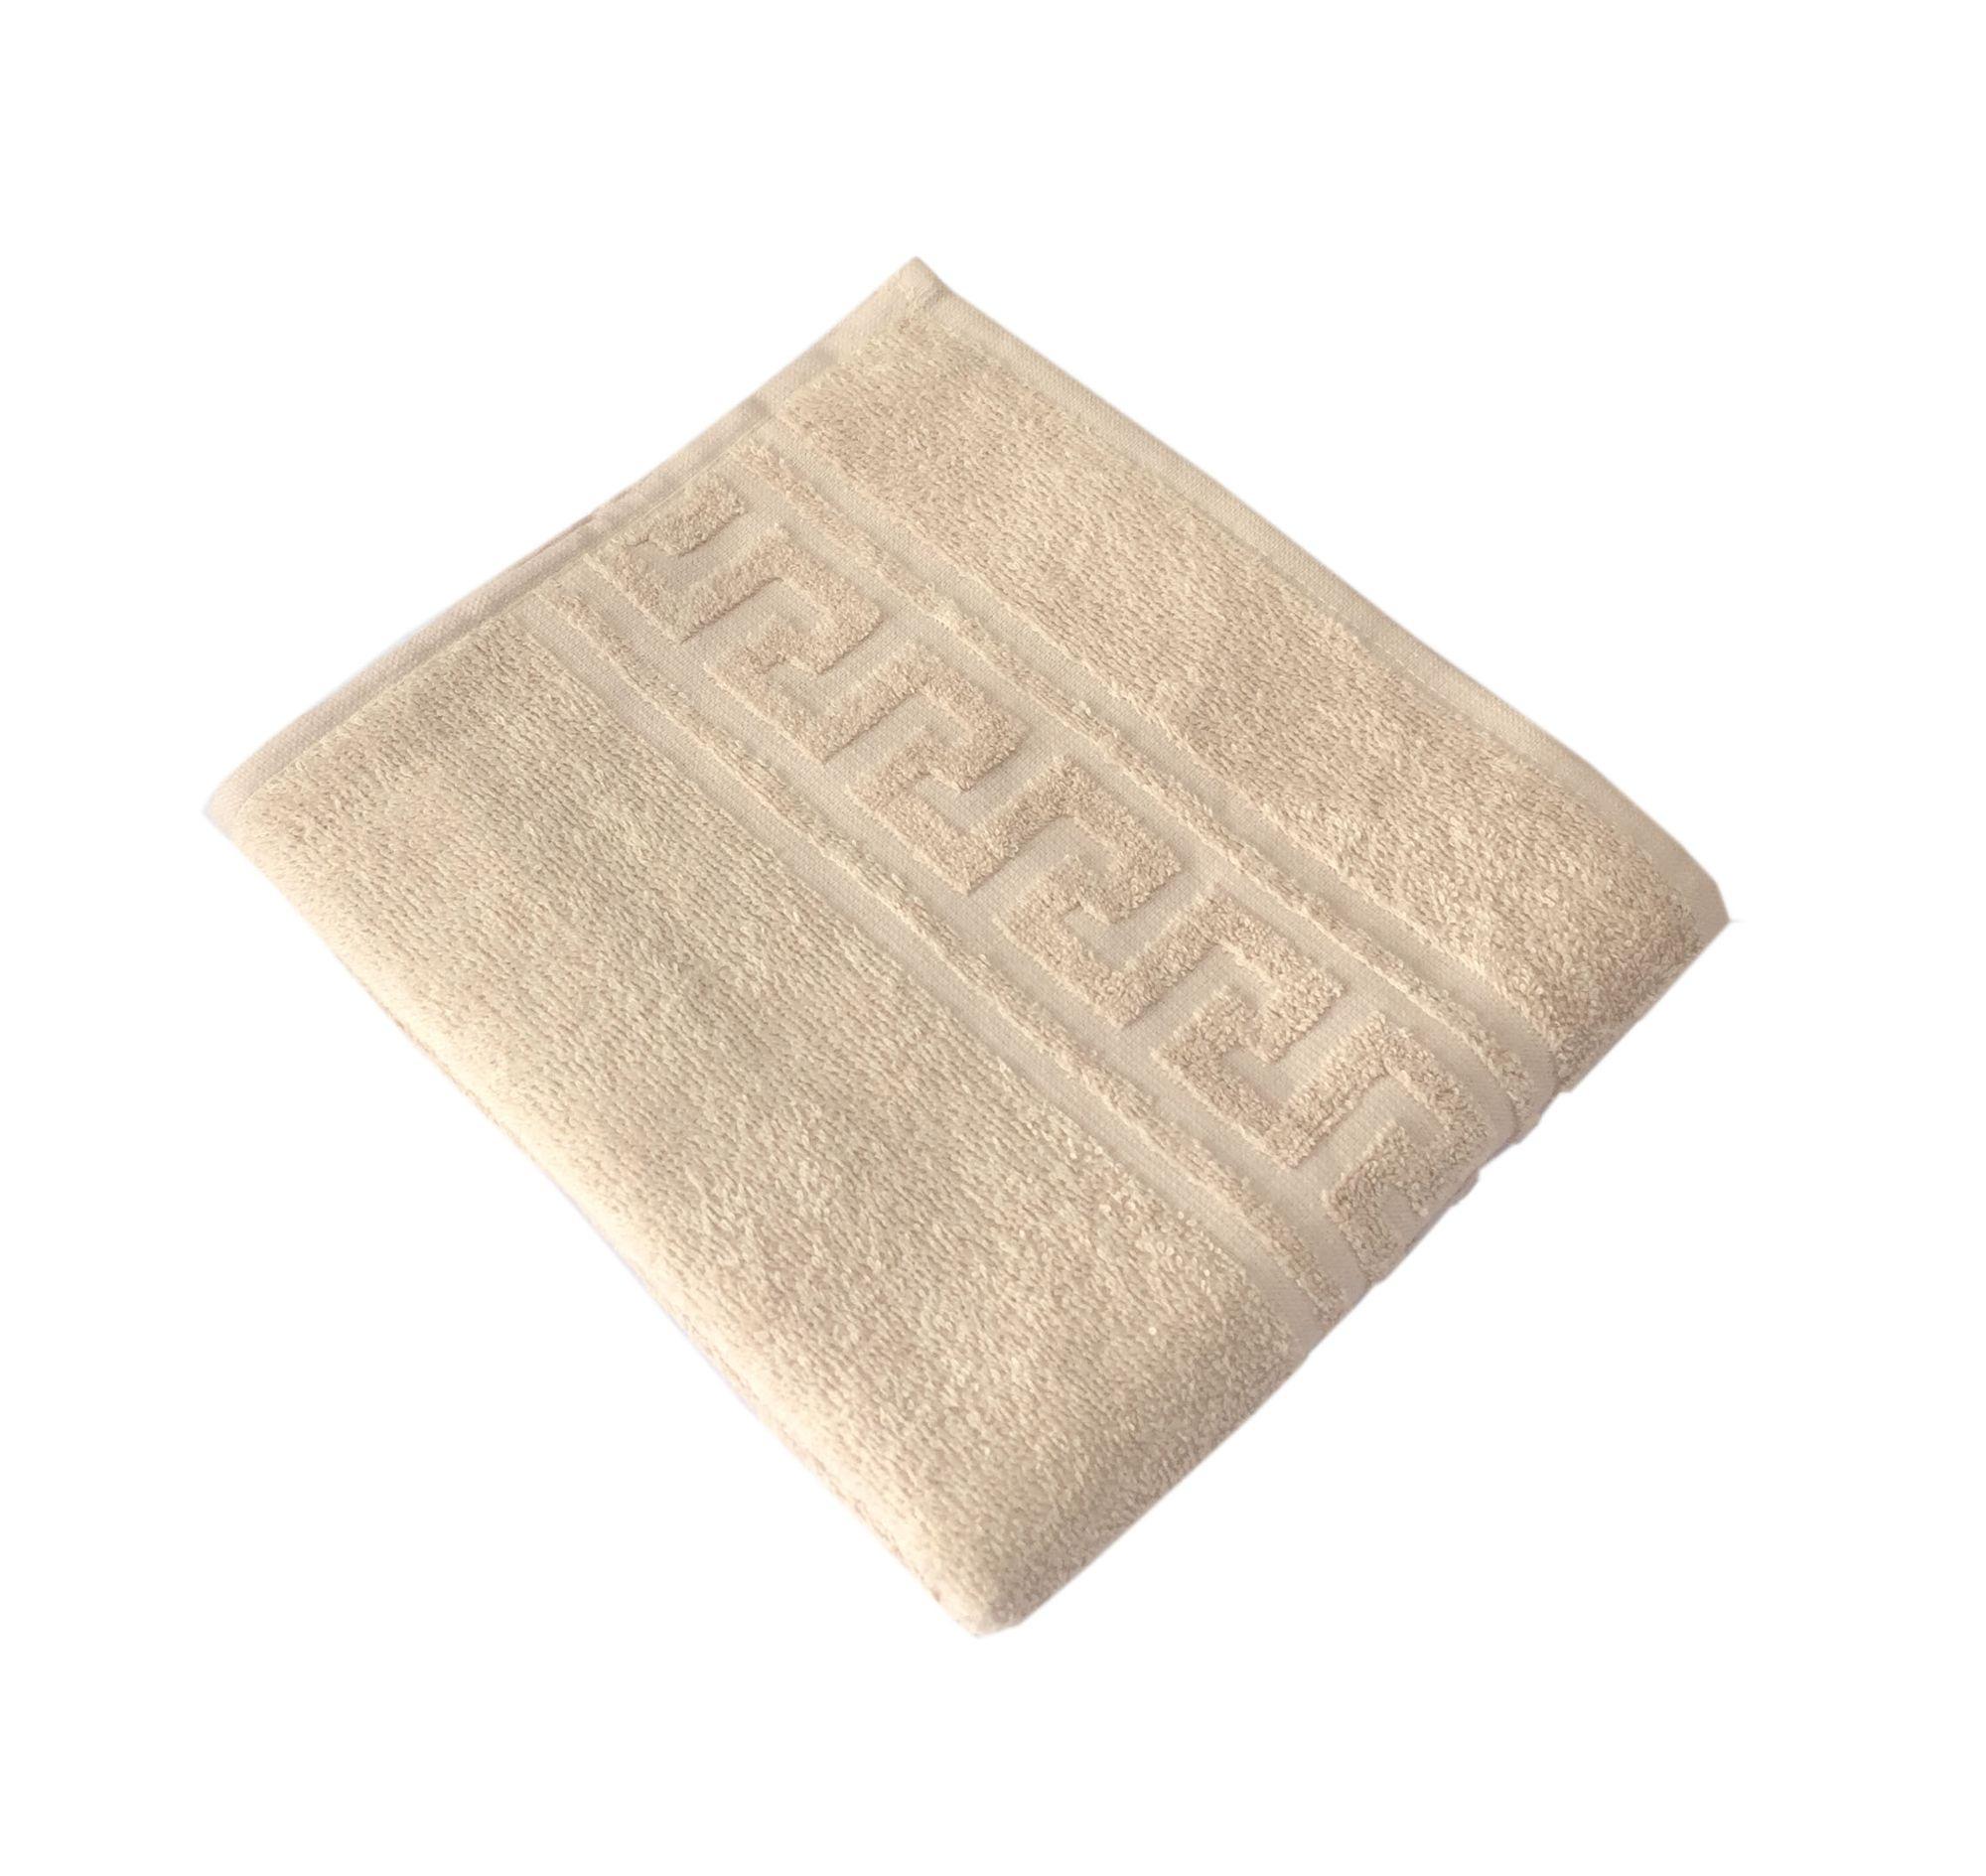 Махровое гладкокрашенное полотенце 70*140 см 380 г/м2 (Бежевый)